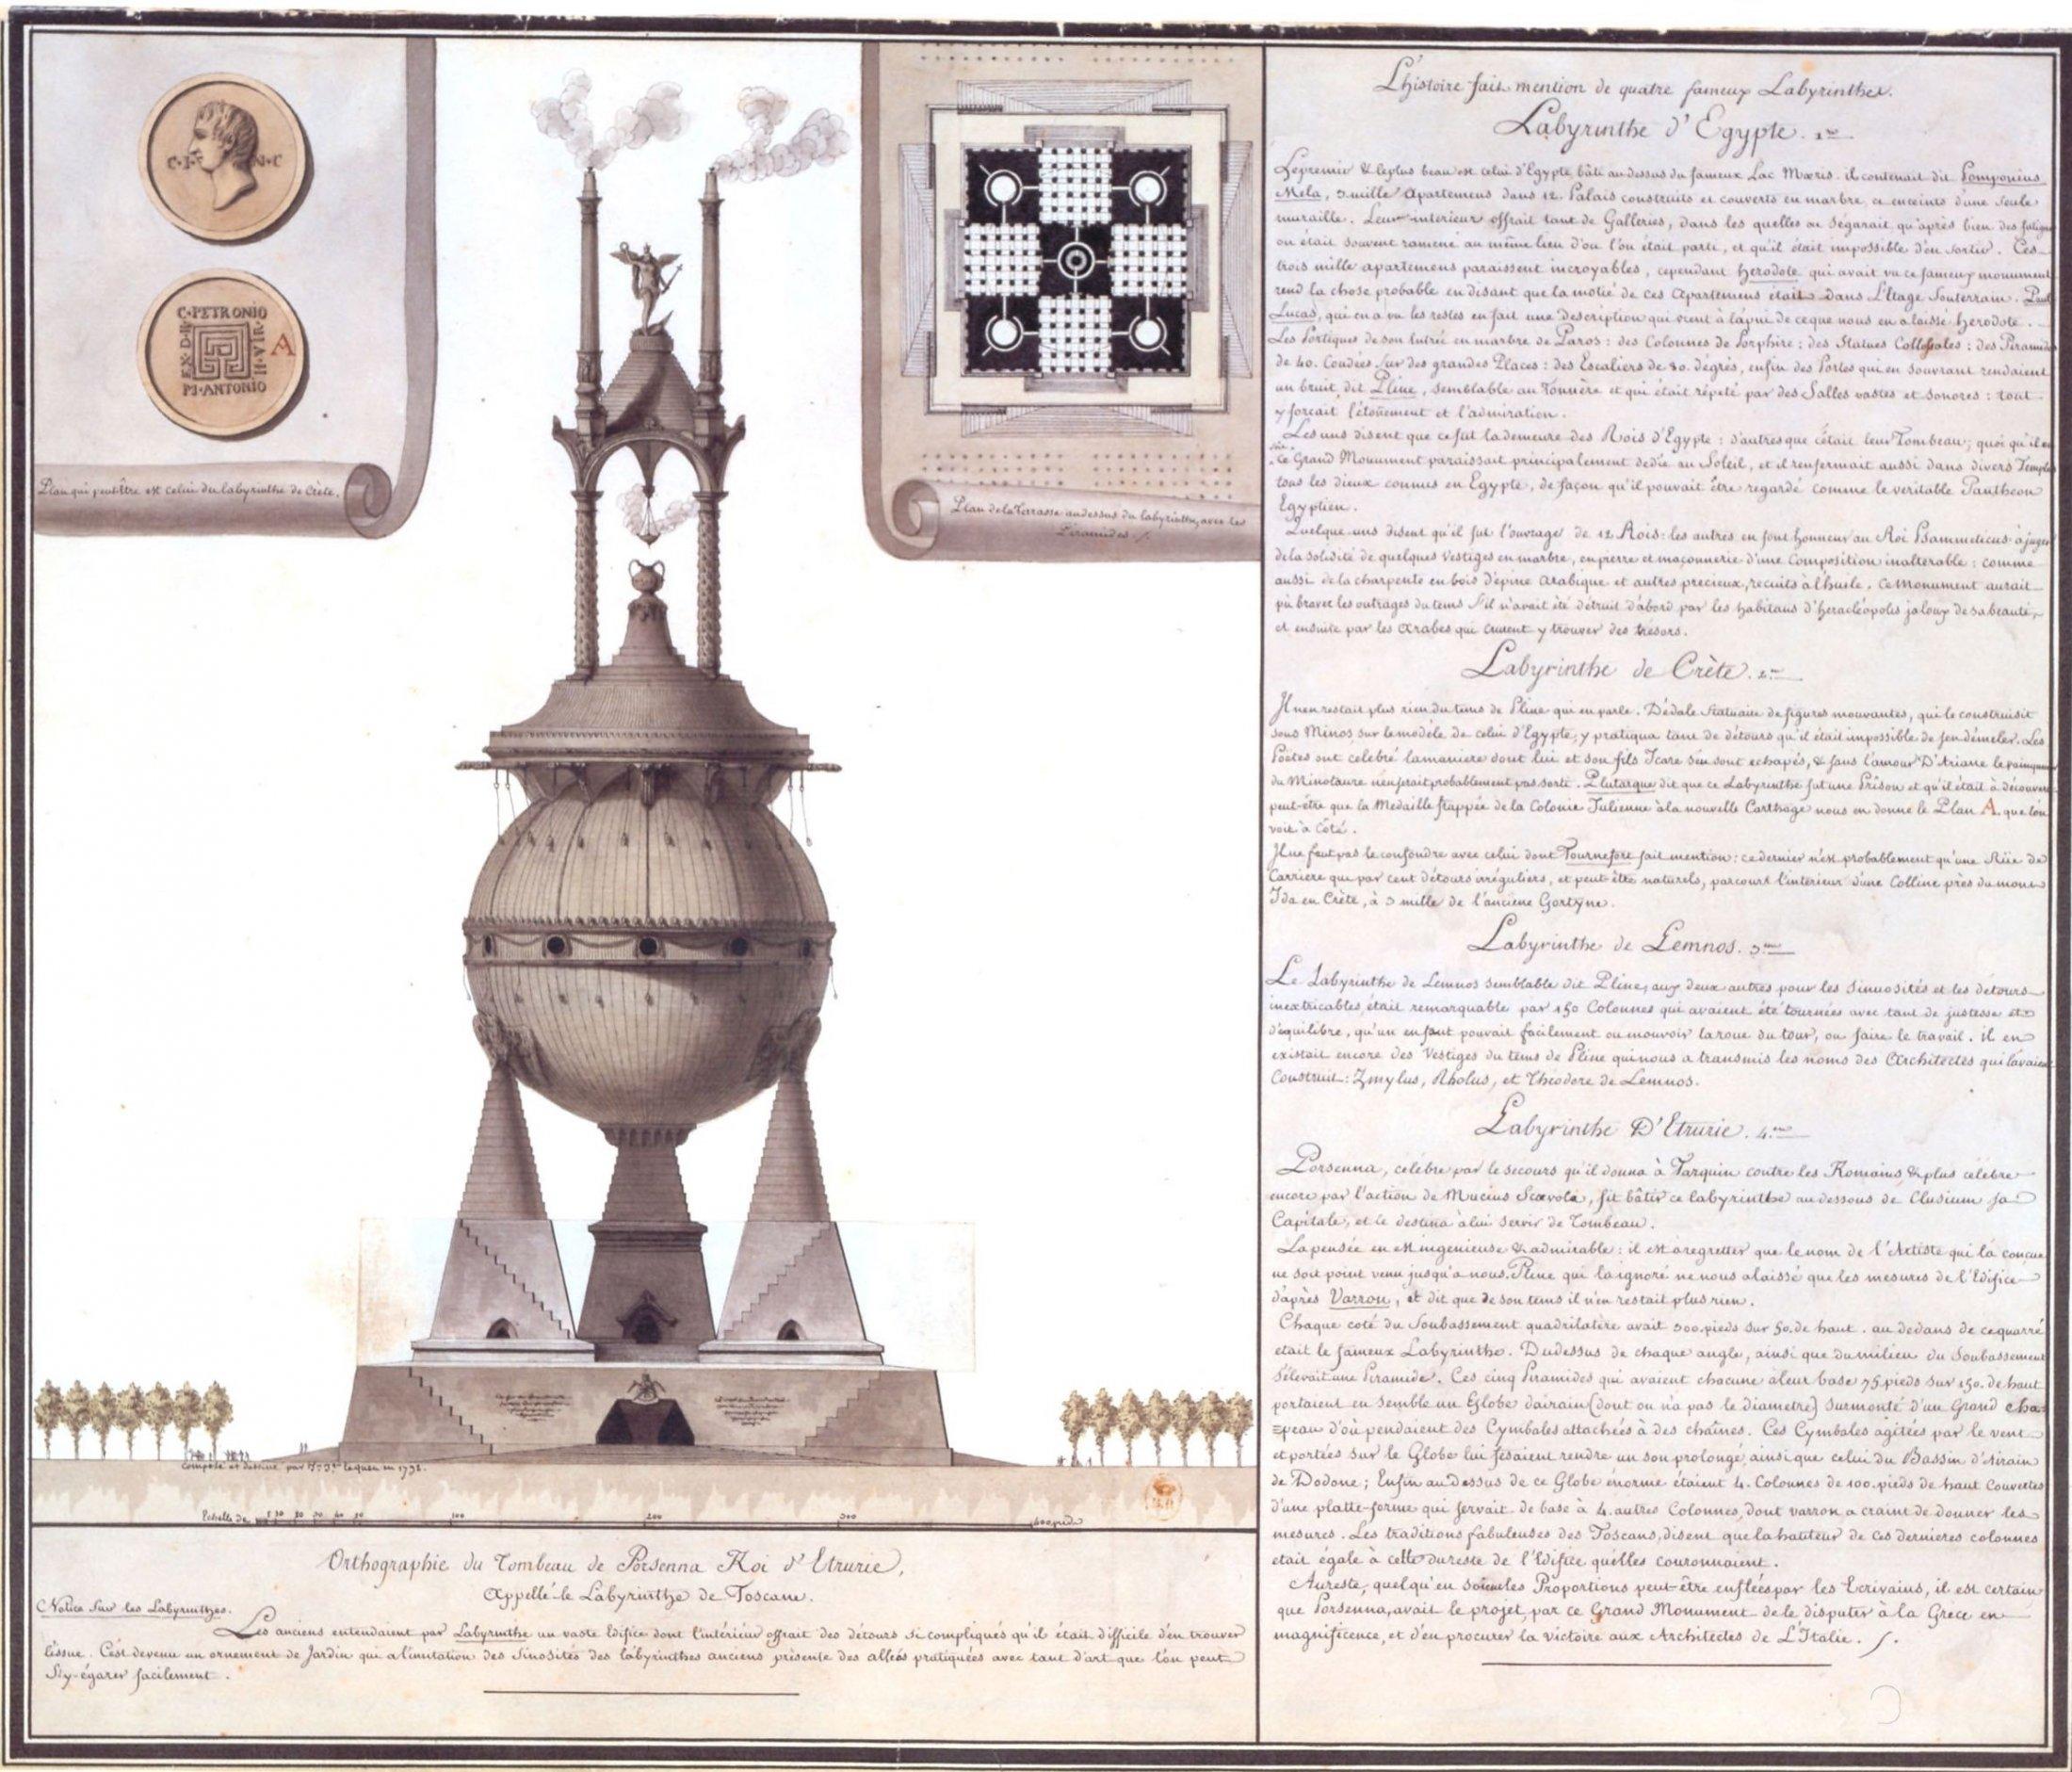 Jean-Jacques_Lequeu,_Orthographie_du_tombeau_de_Porsenna_roi_d'Etrurie,_appellé_le_labyrinthe_...jpg